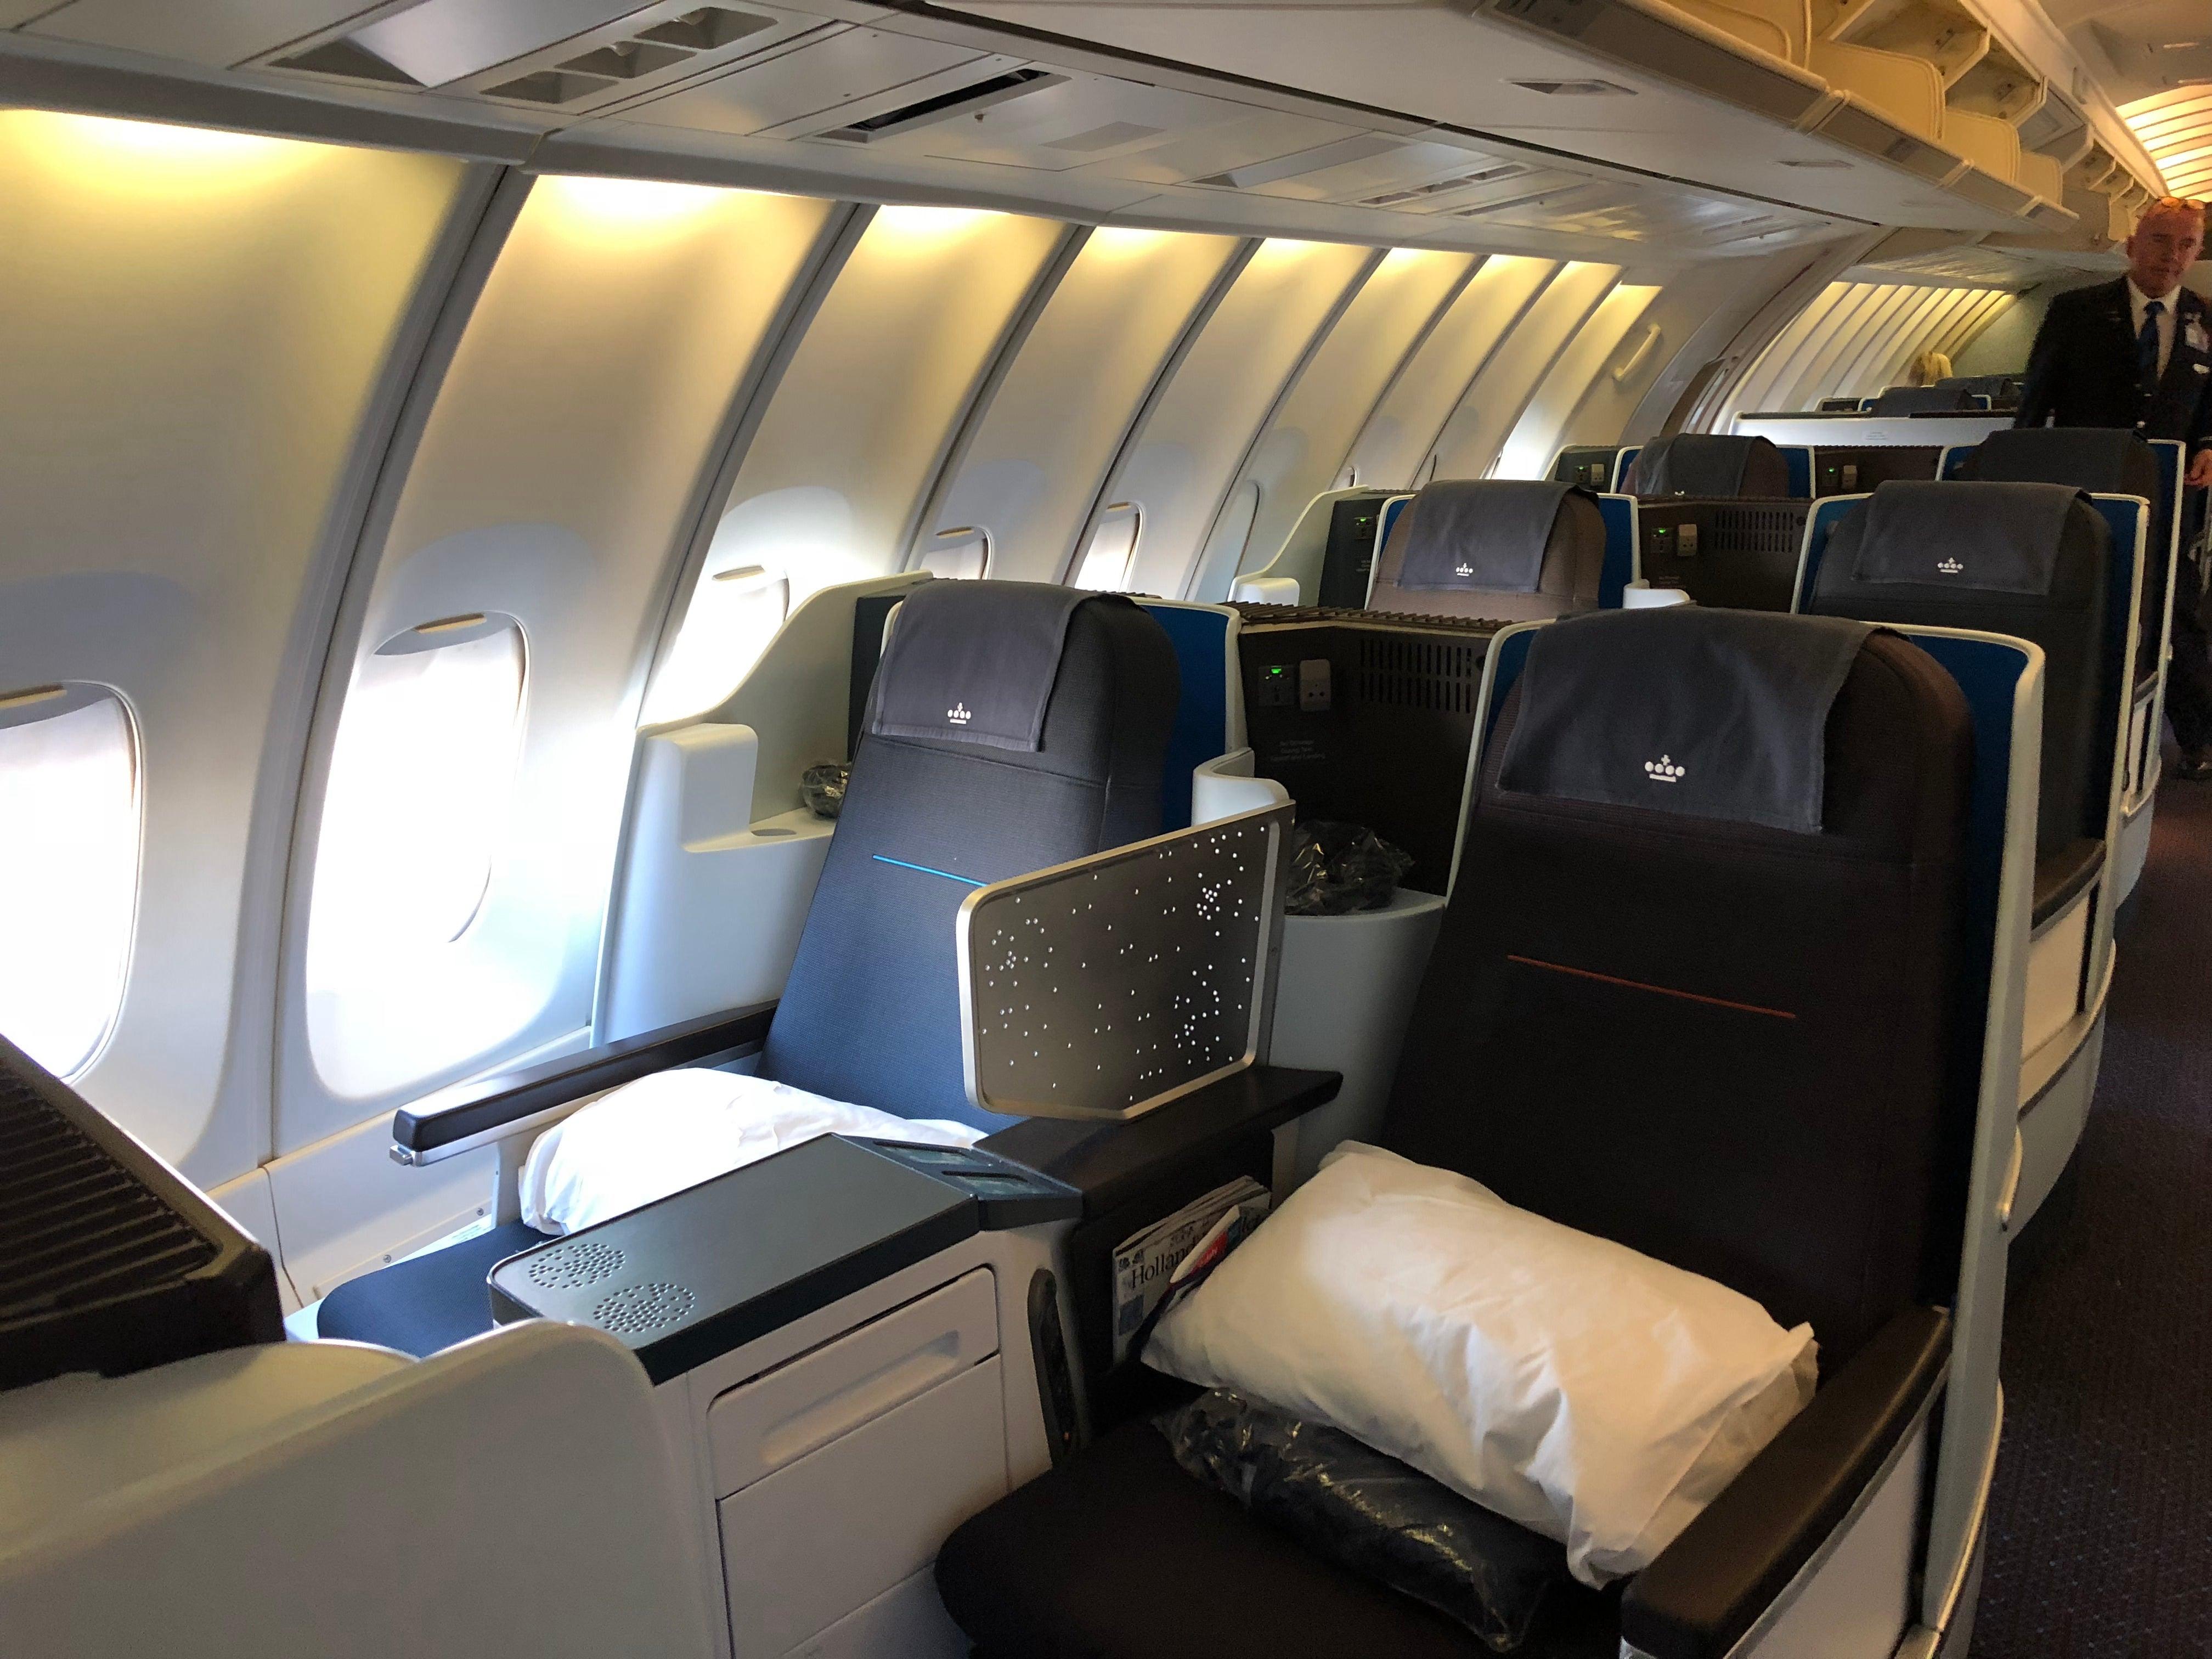 Klm 747 400 Business Class